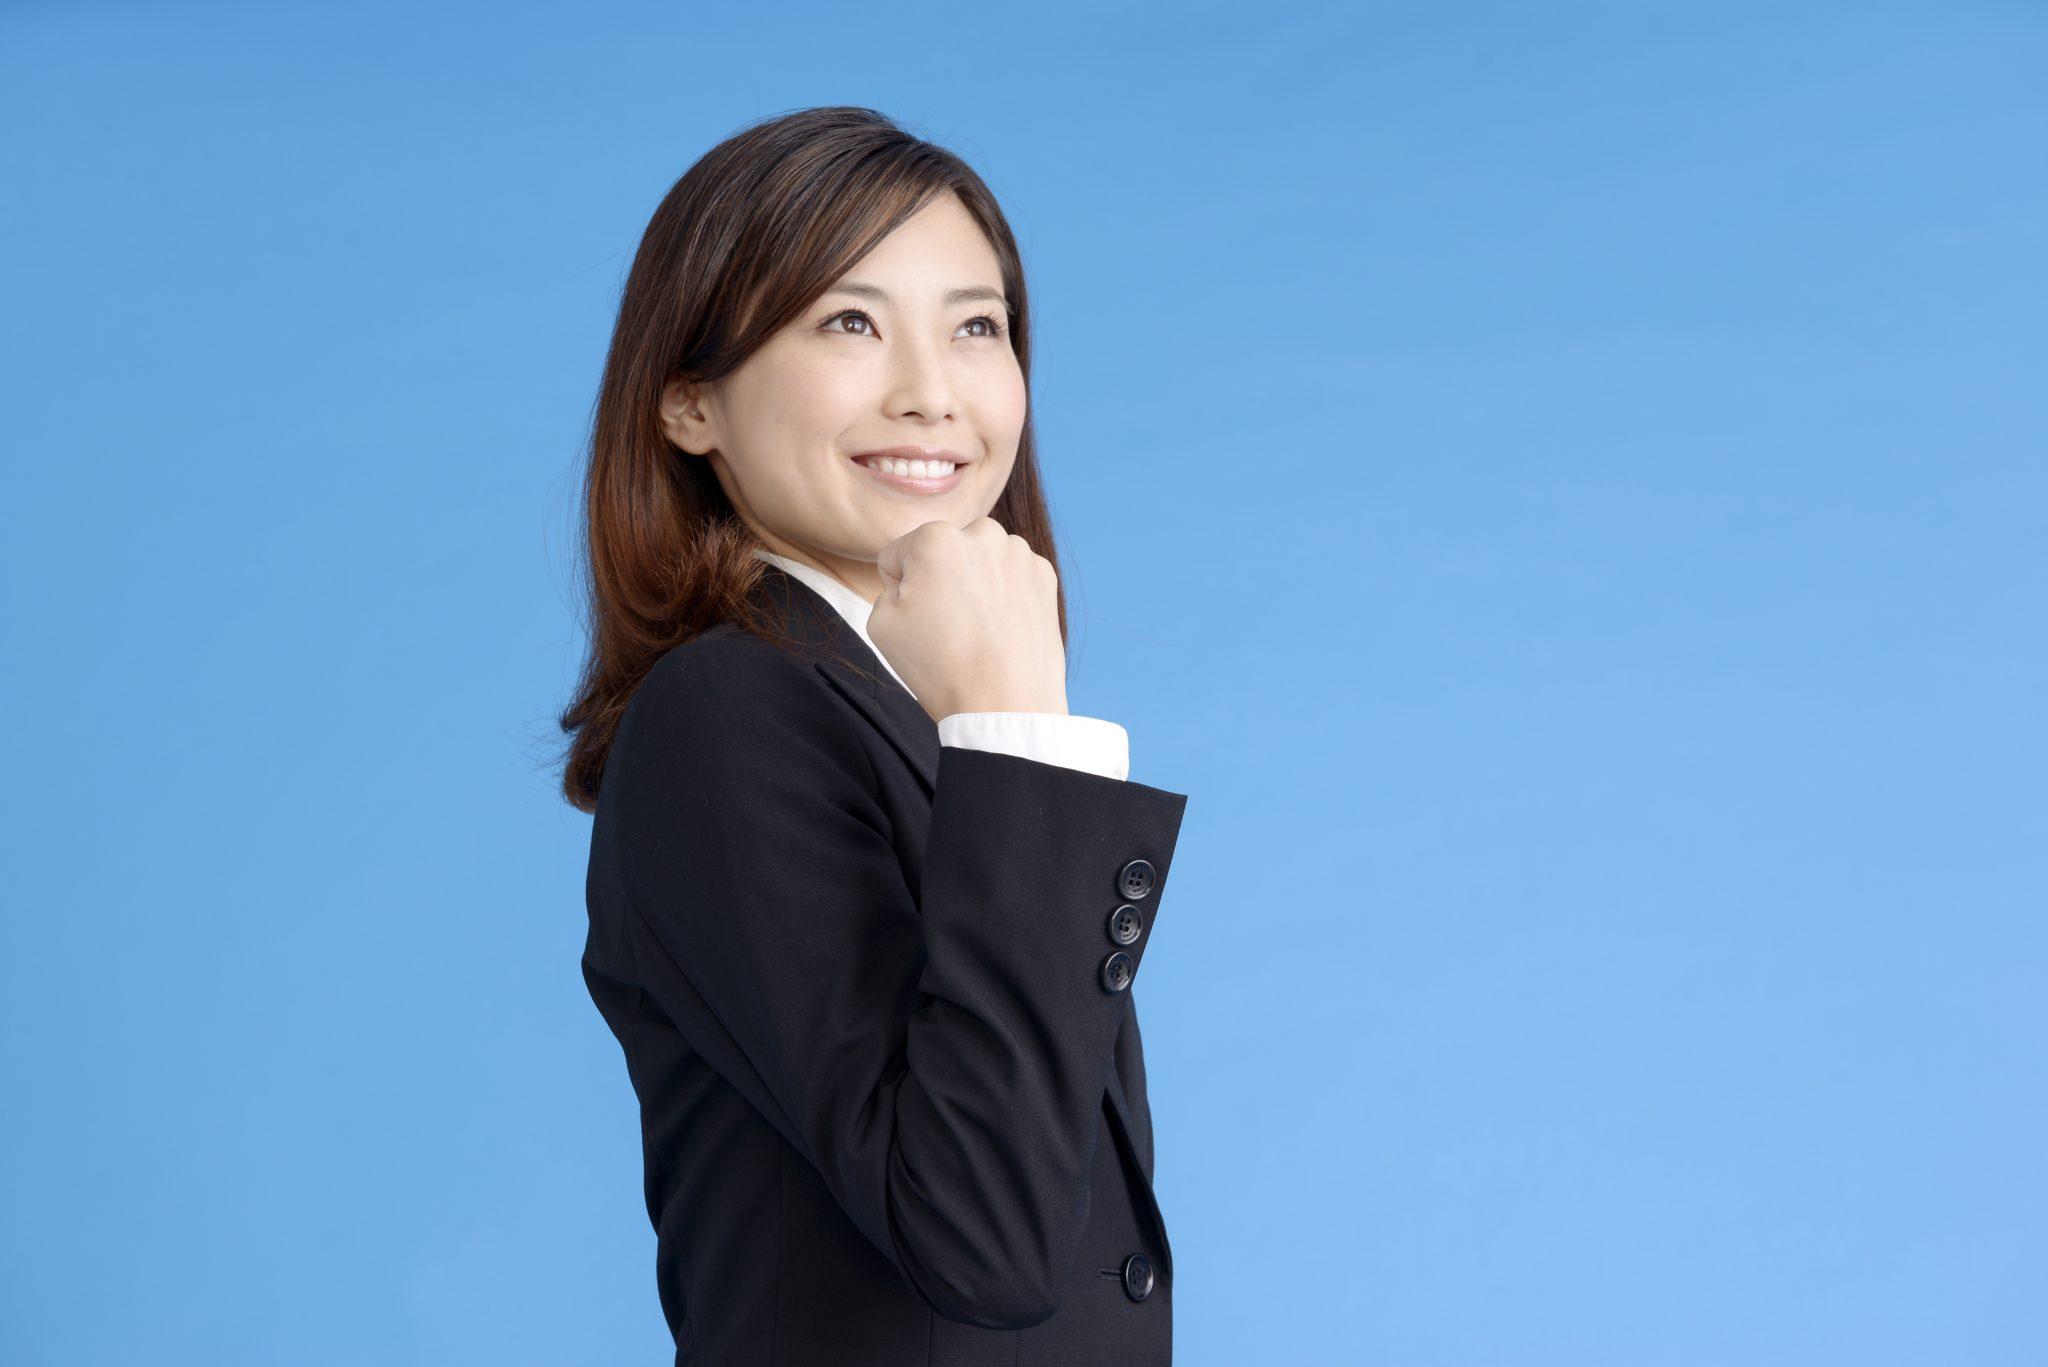 海外大学を出た方が就職に有利だと自覚する女性